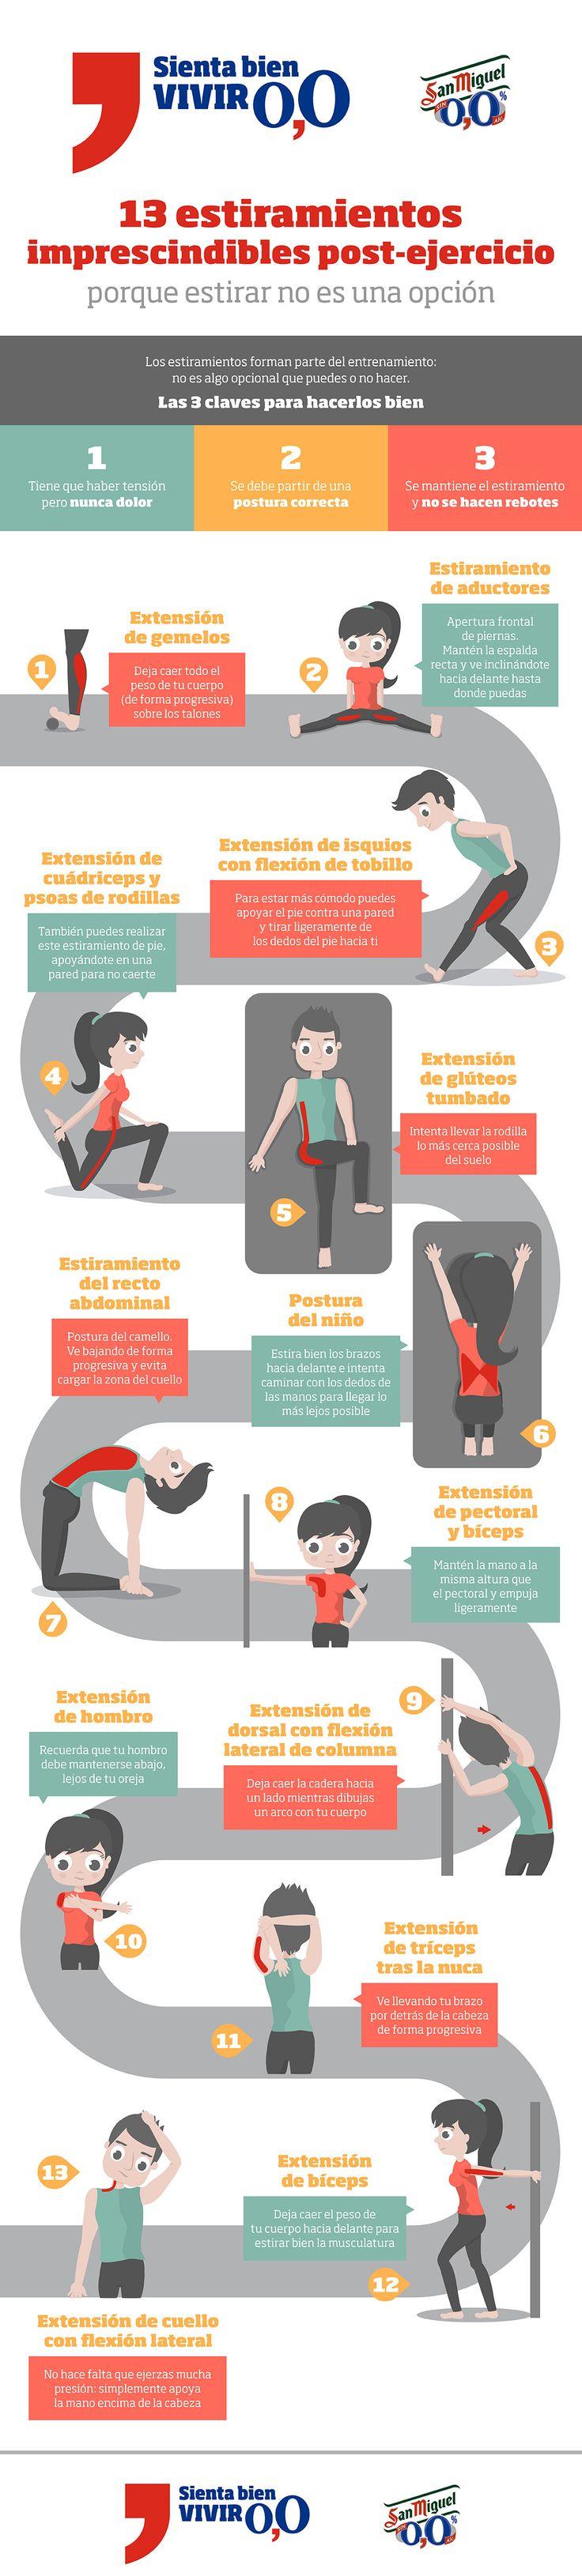 Cómo y cuándo debemos hacer los estiramientos para beneficiarnos de sus efectos. 13 estiramientos distintos para realizar después de hacer ejercicio.